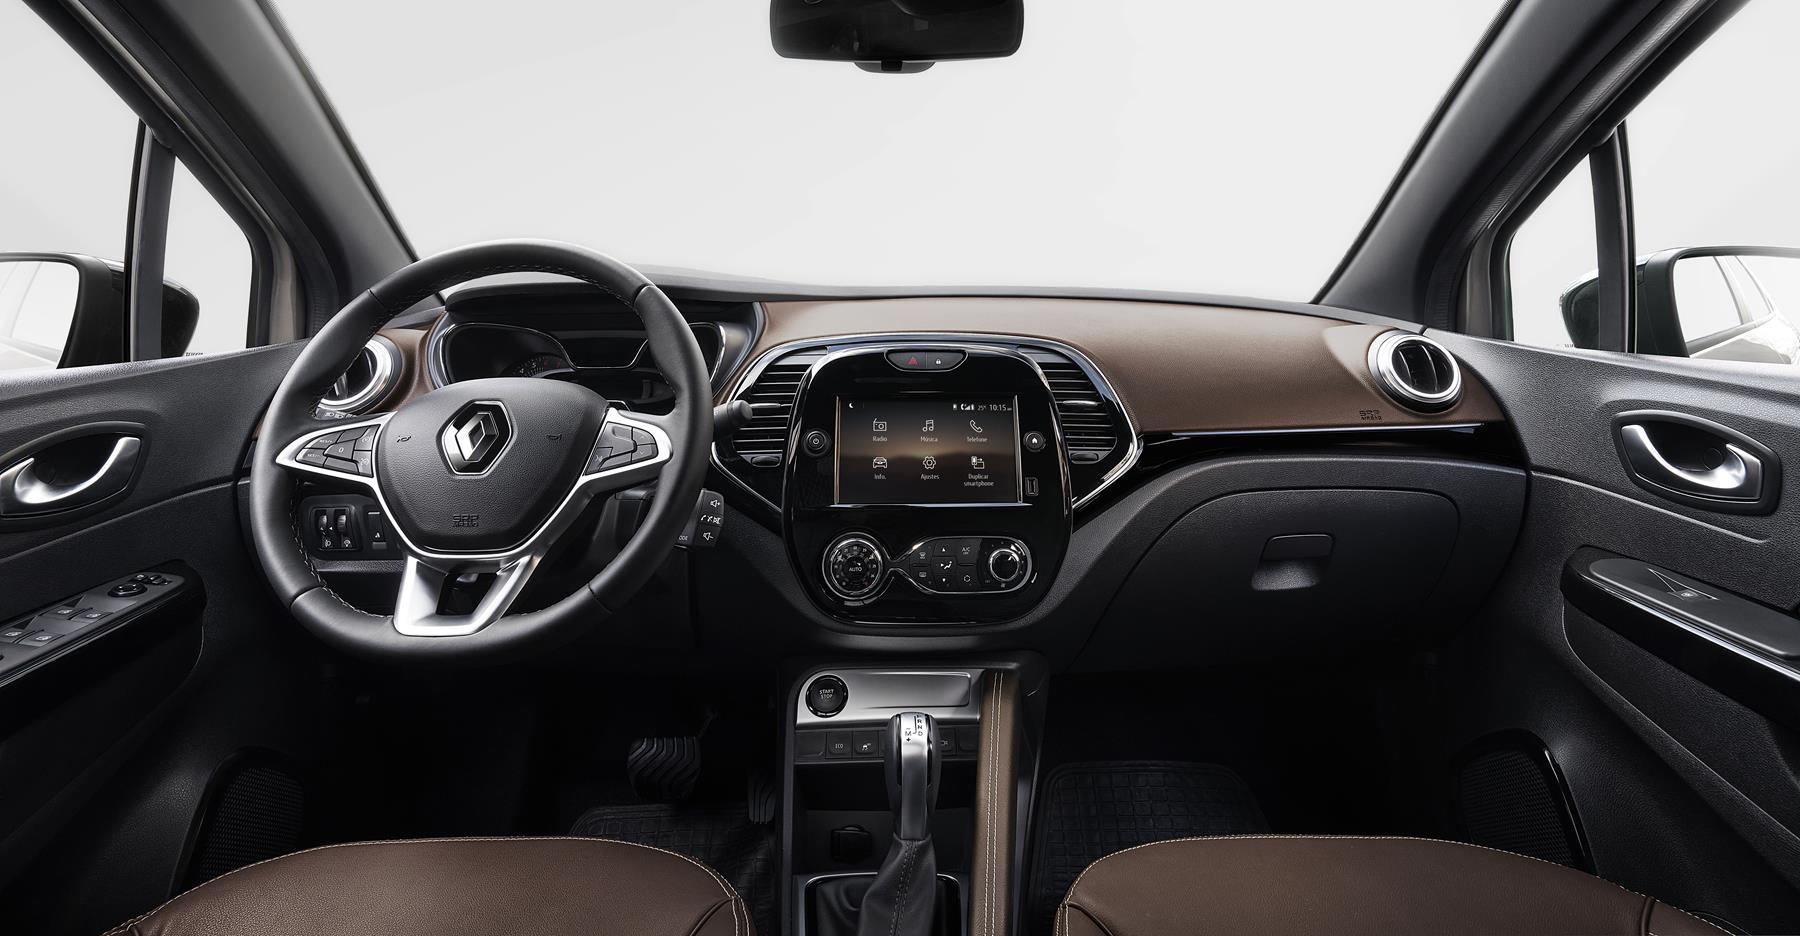 Interior painel Renault Captur 2022 1.3 turbo 170 cv (